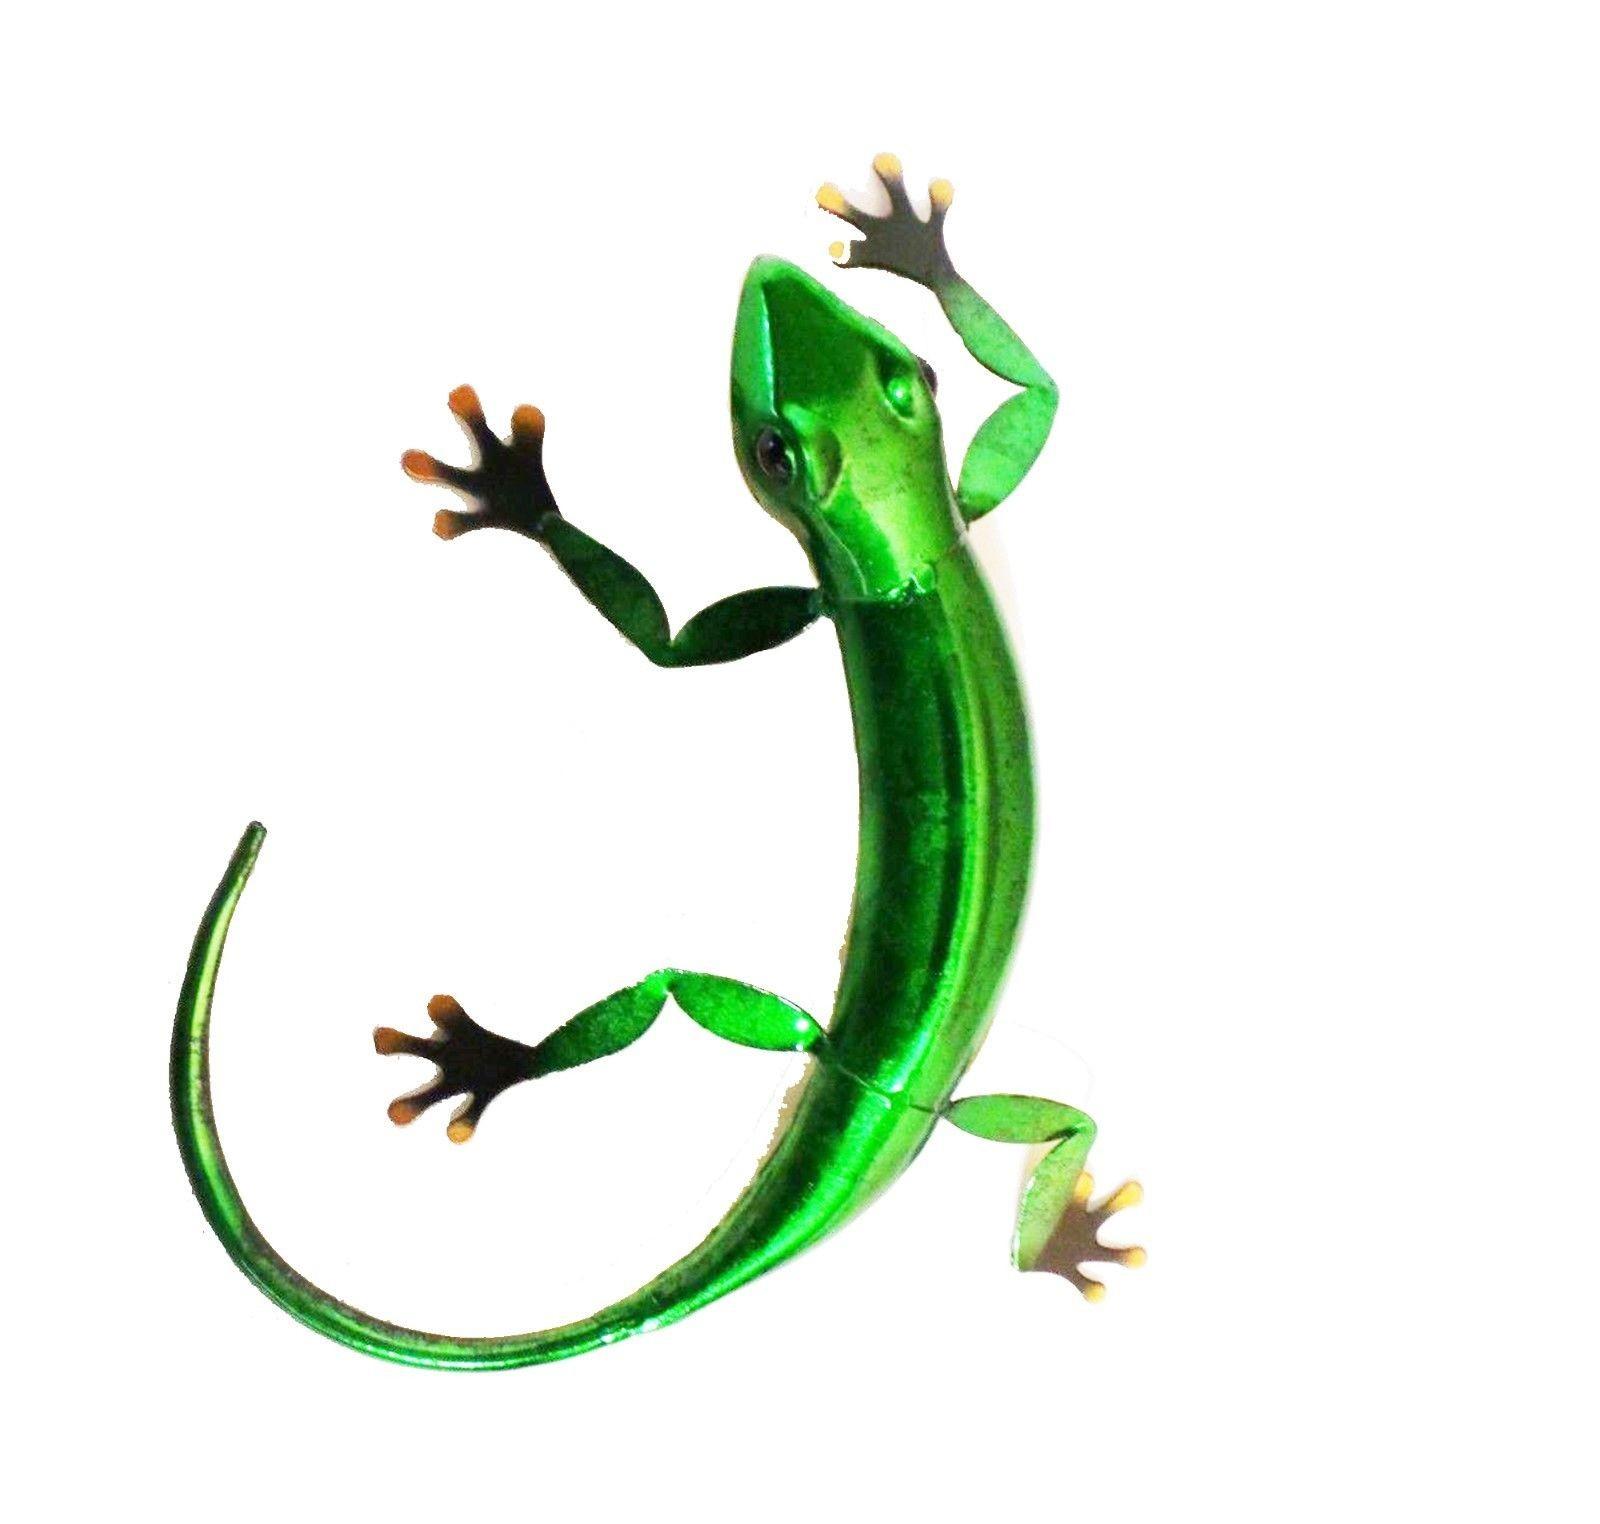 Green Metal Gecko Lizard Wall Art Ornament – Moles Garden Store Throughout Gecko Wall Decor (View 10 of 30)